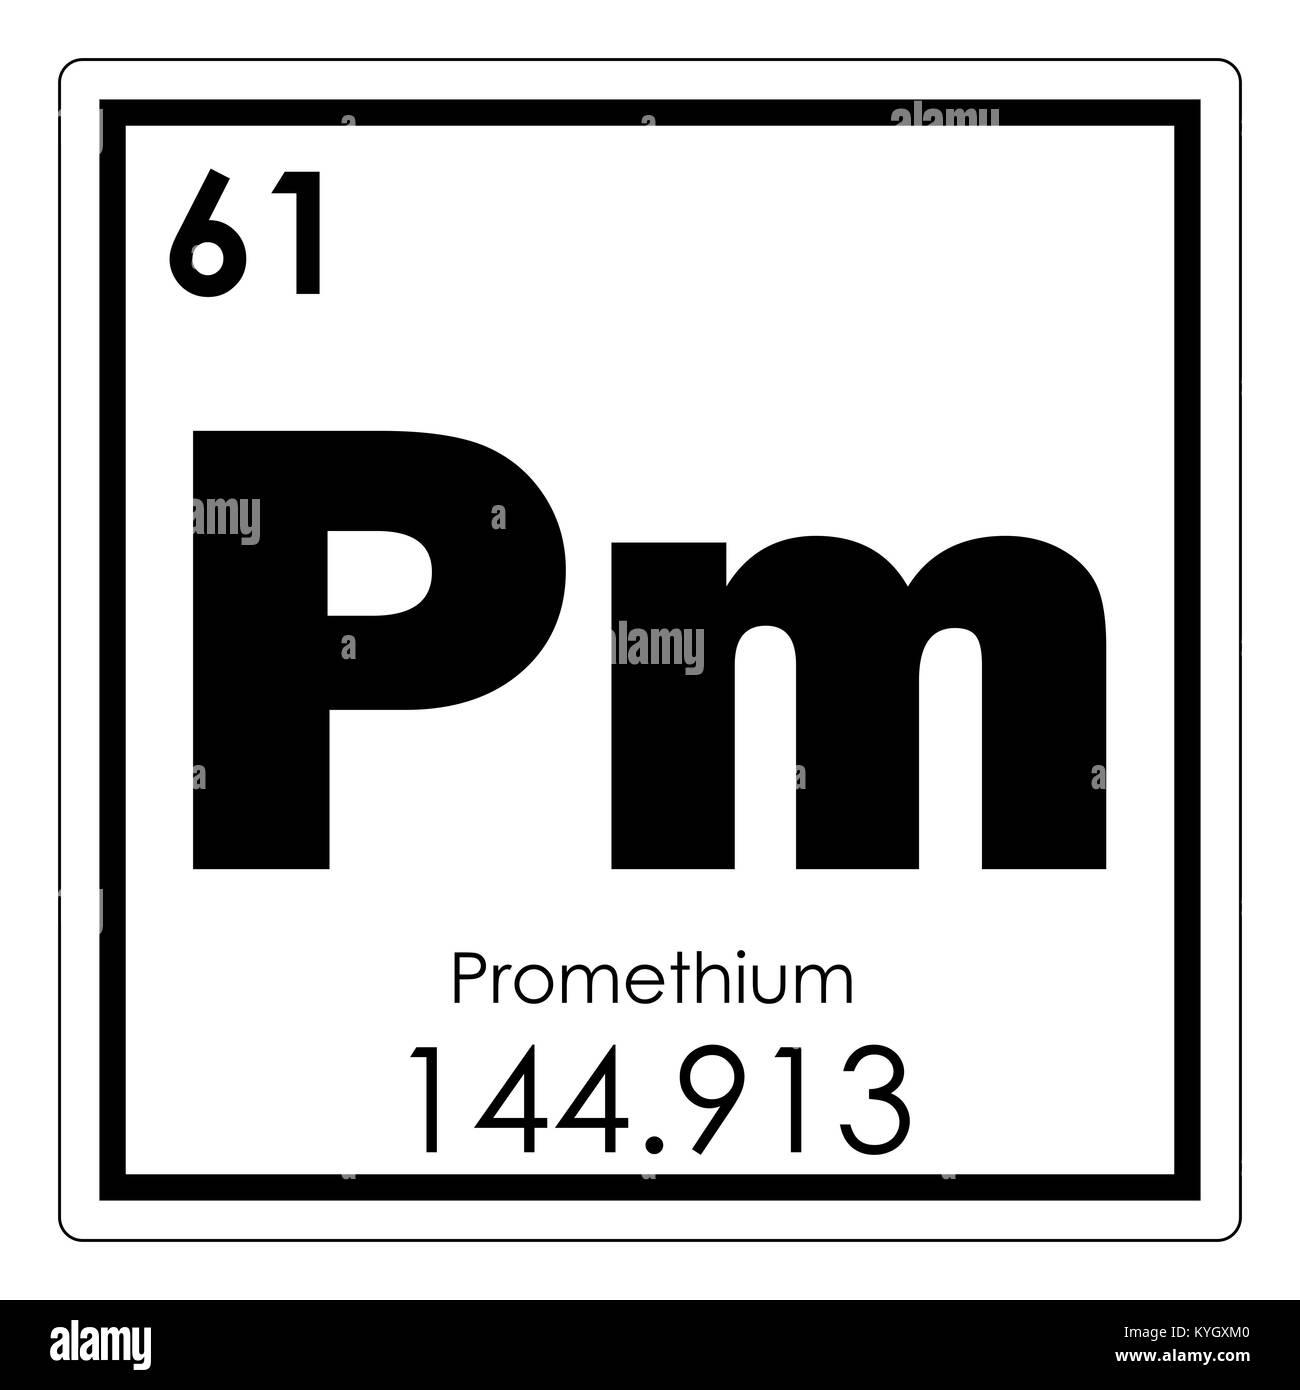 Promethium chemical element periodic table science symbol stock promethium chemical element periodic table science symbol urtaz Images